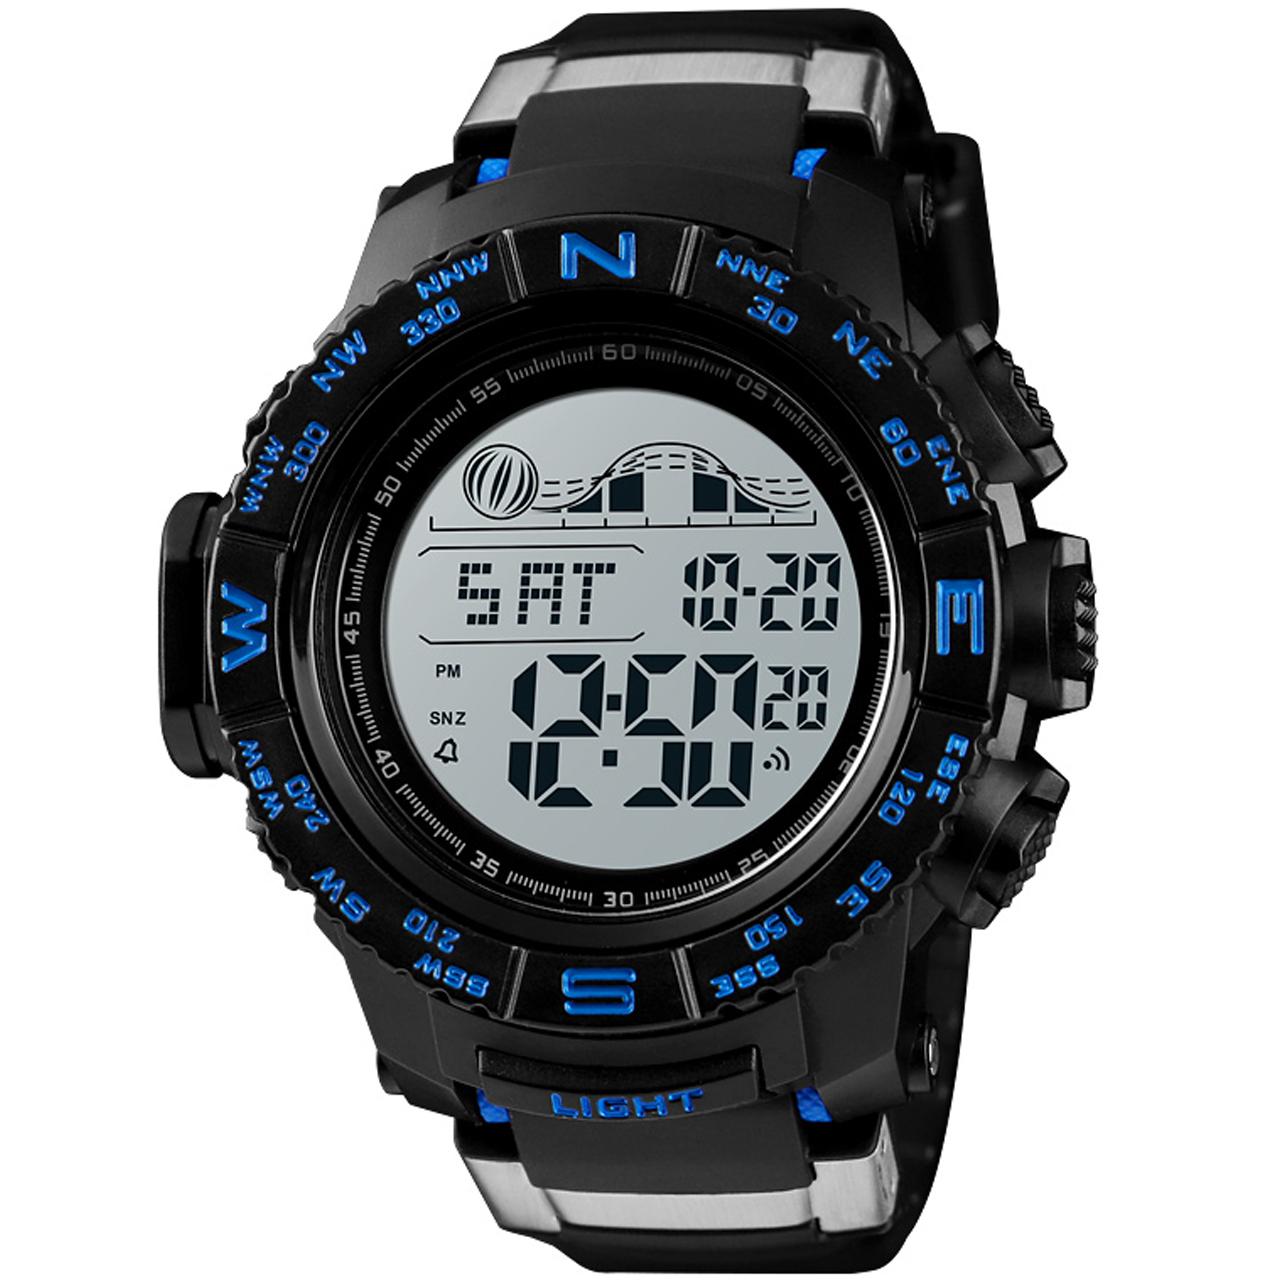 ساعت مچی دیجیتال مردانه اسکمی مدل 1380A 22